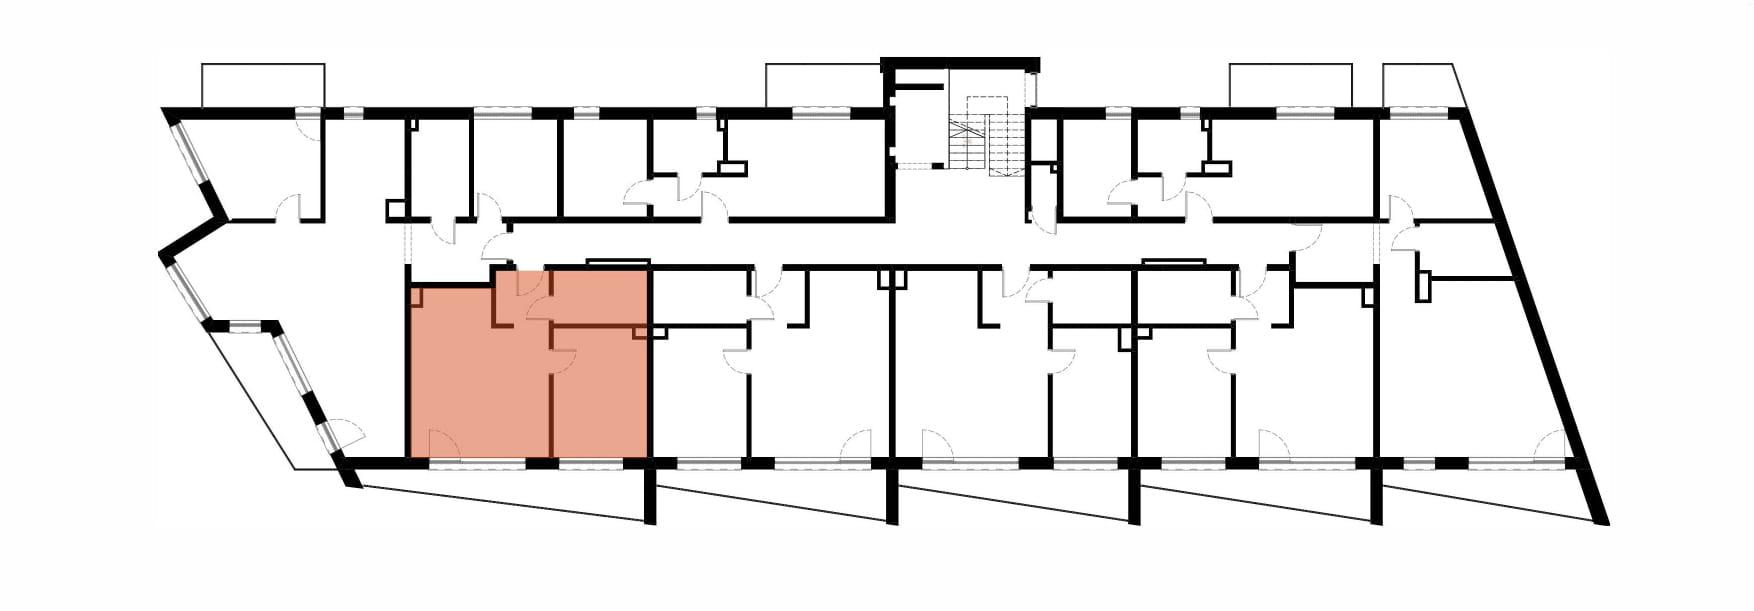 Apartamenty Kamienna / apartamenty inwestycyjne M13 rzut 2